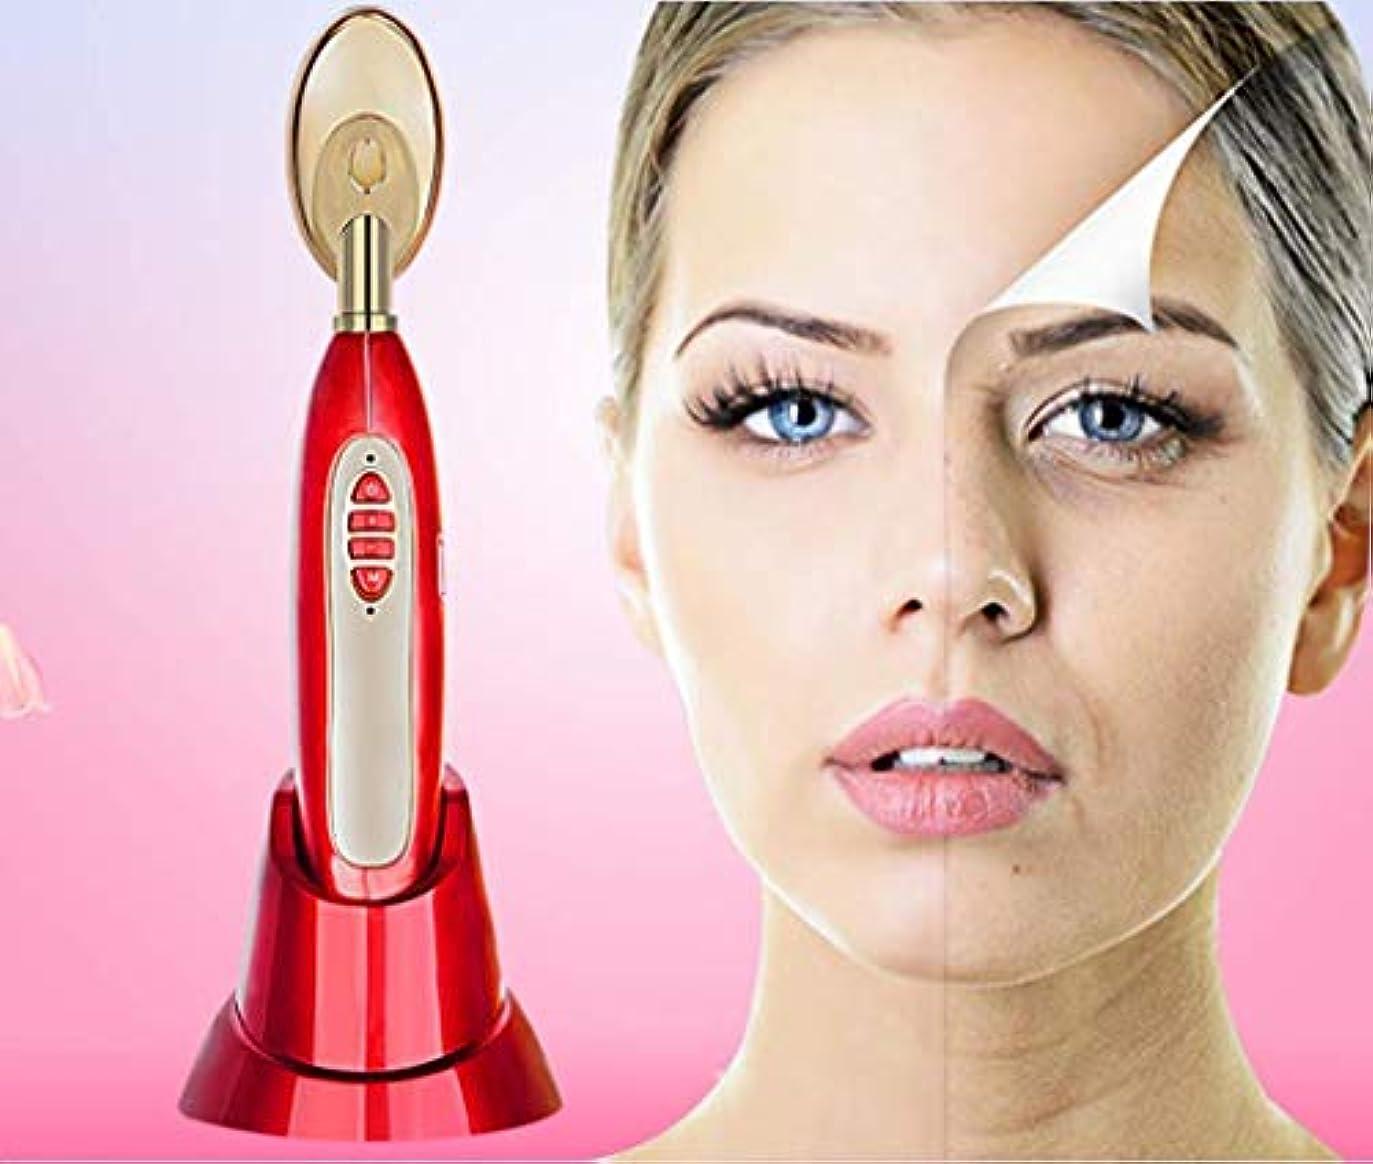 ハドル黙認する癒すアイマッサージャー、電気フェイシャルアイイオン振動マッサージャー、USBパワーインターフェース、肌を引き締め、目の疲れを軽減します。